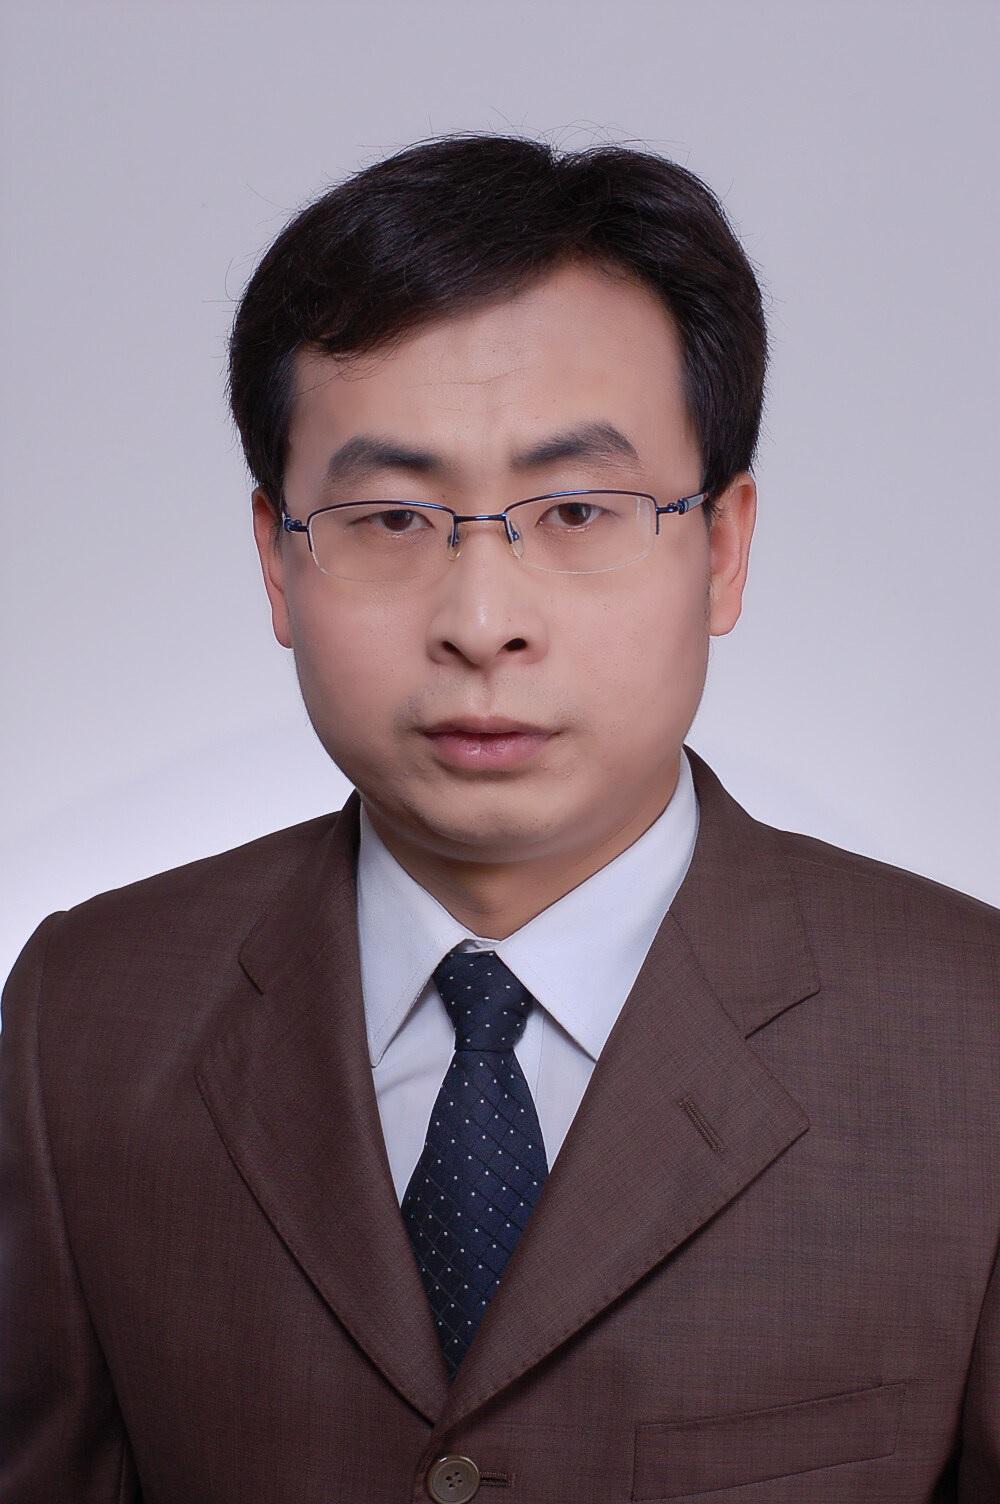 Xinhua Wang